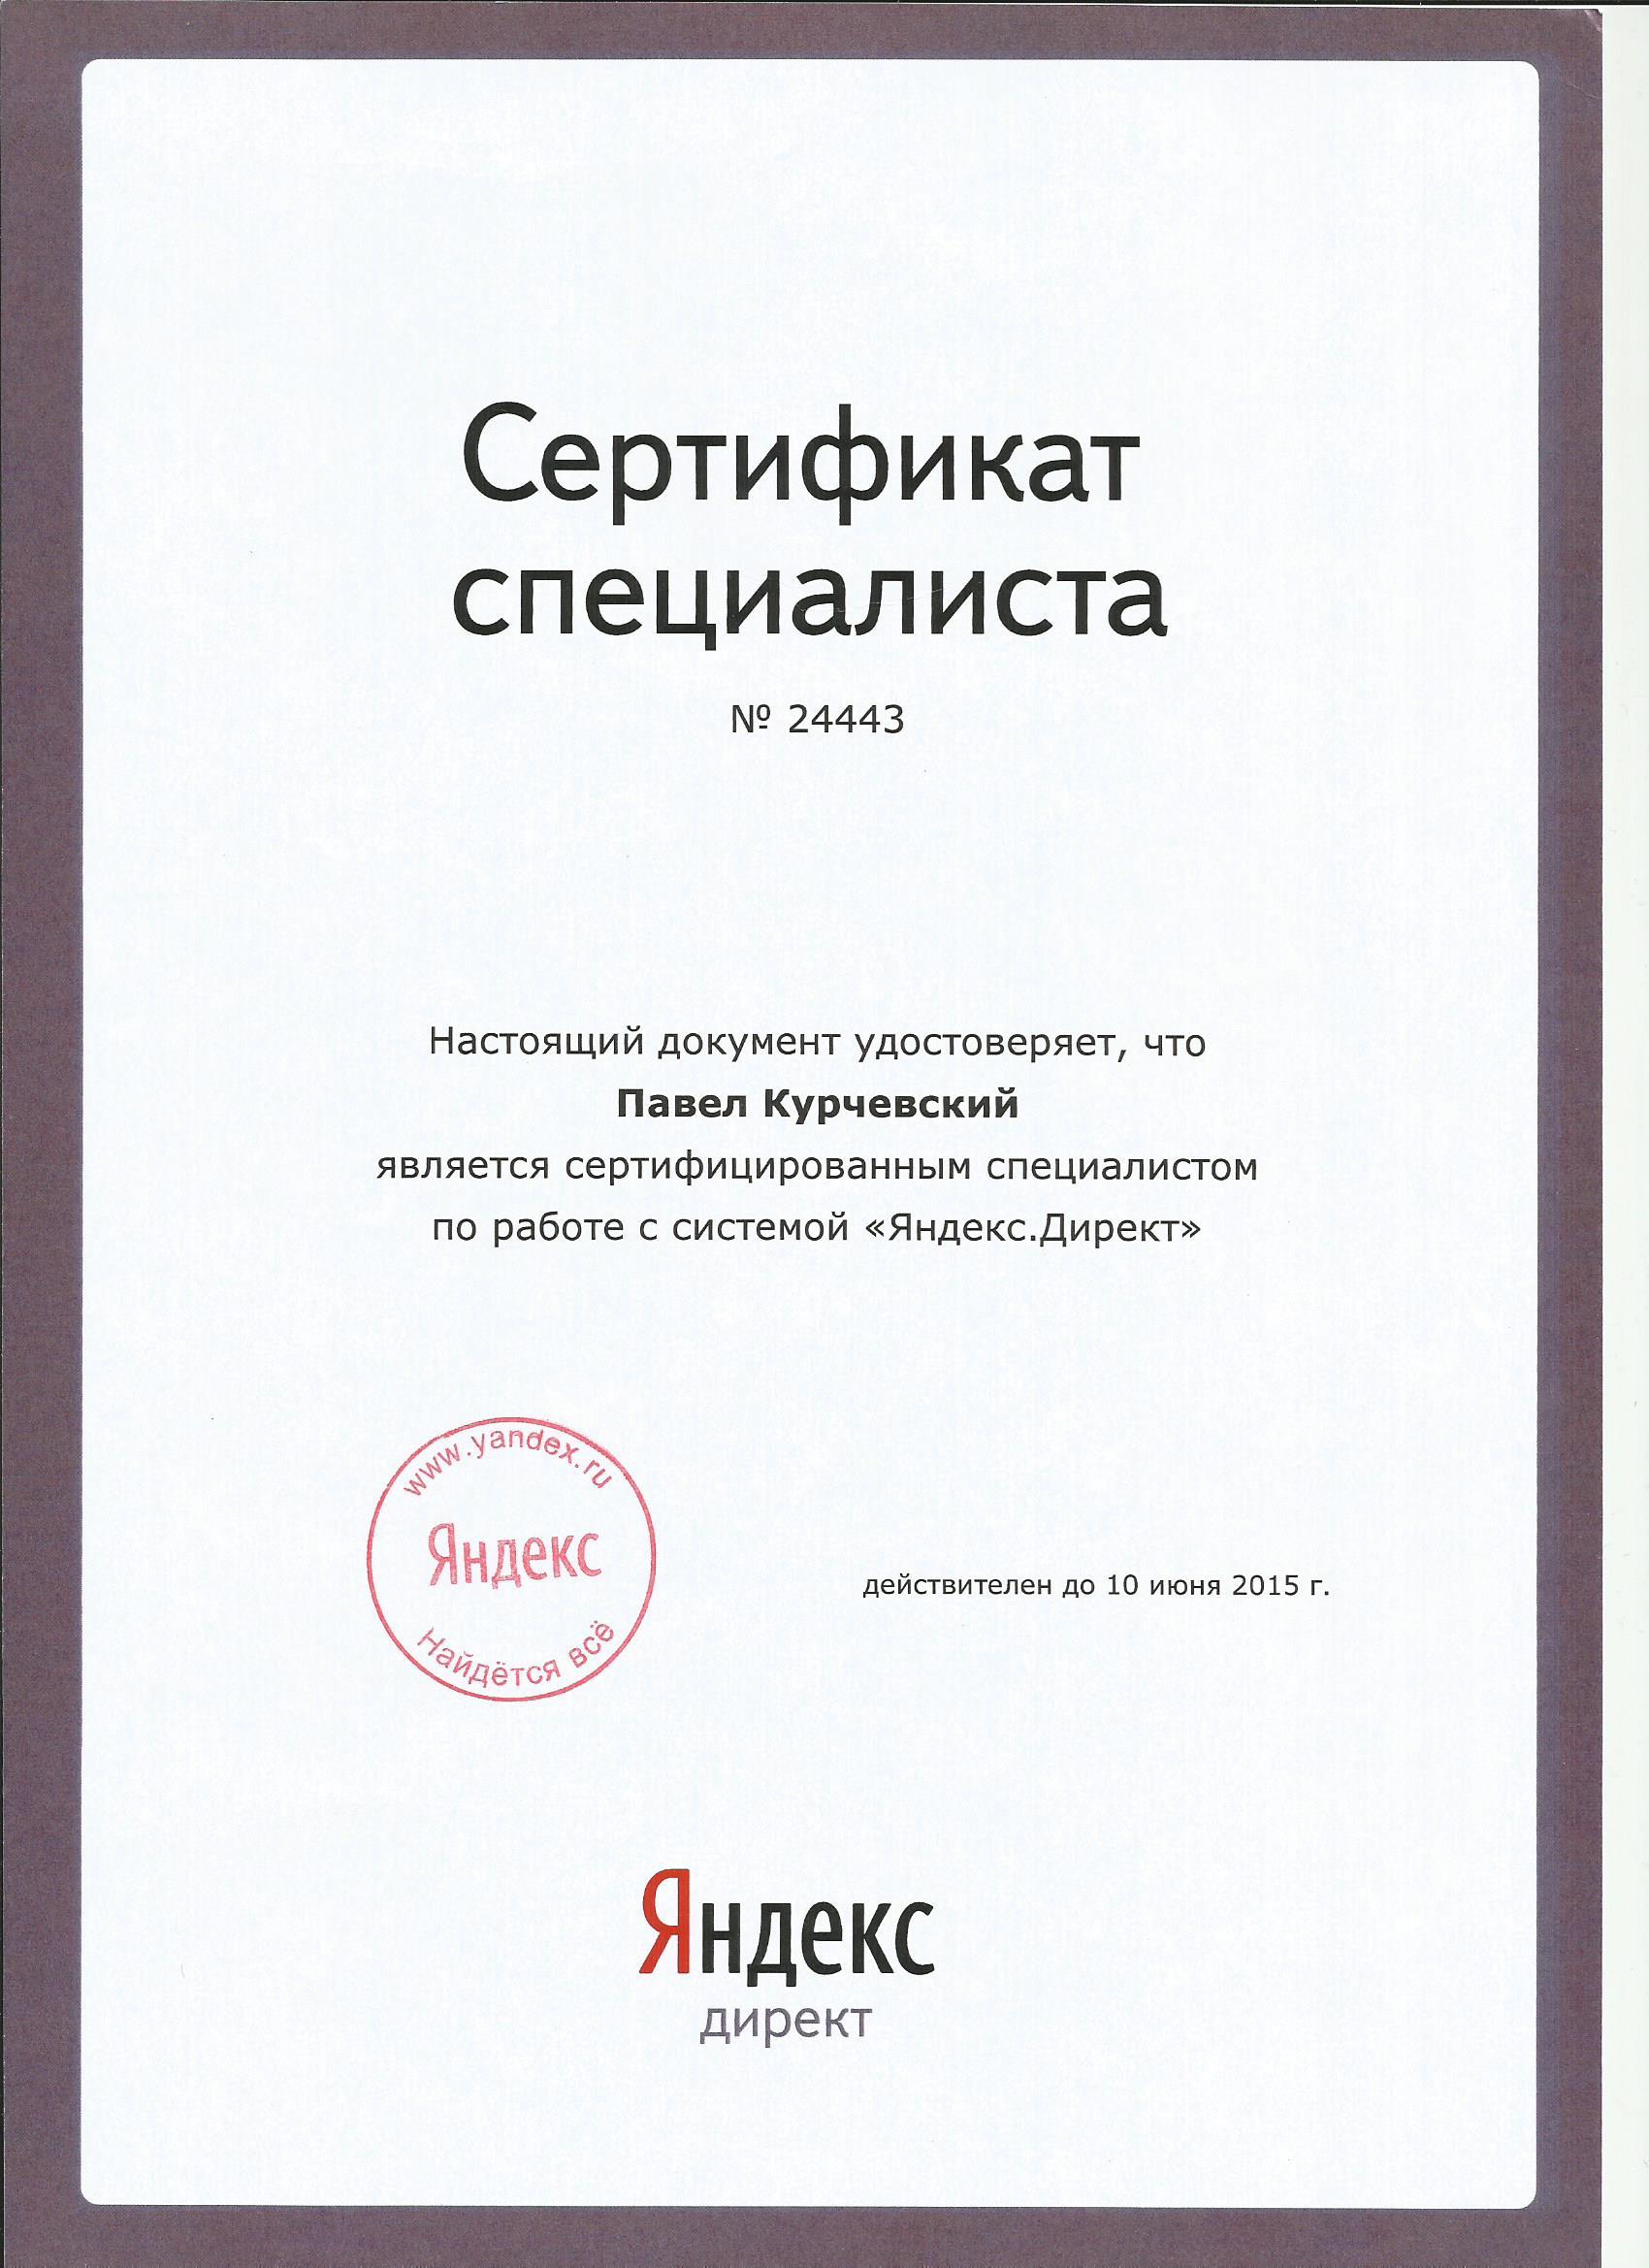 Сертификат специалиста Яндекса